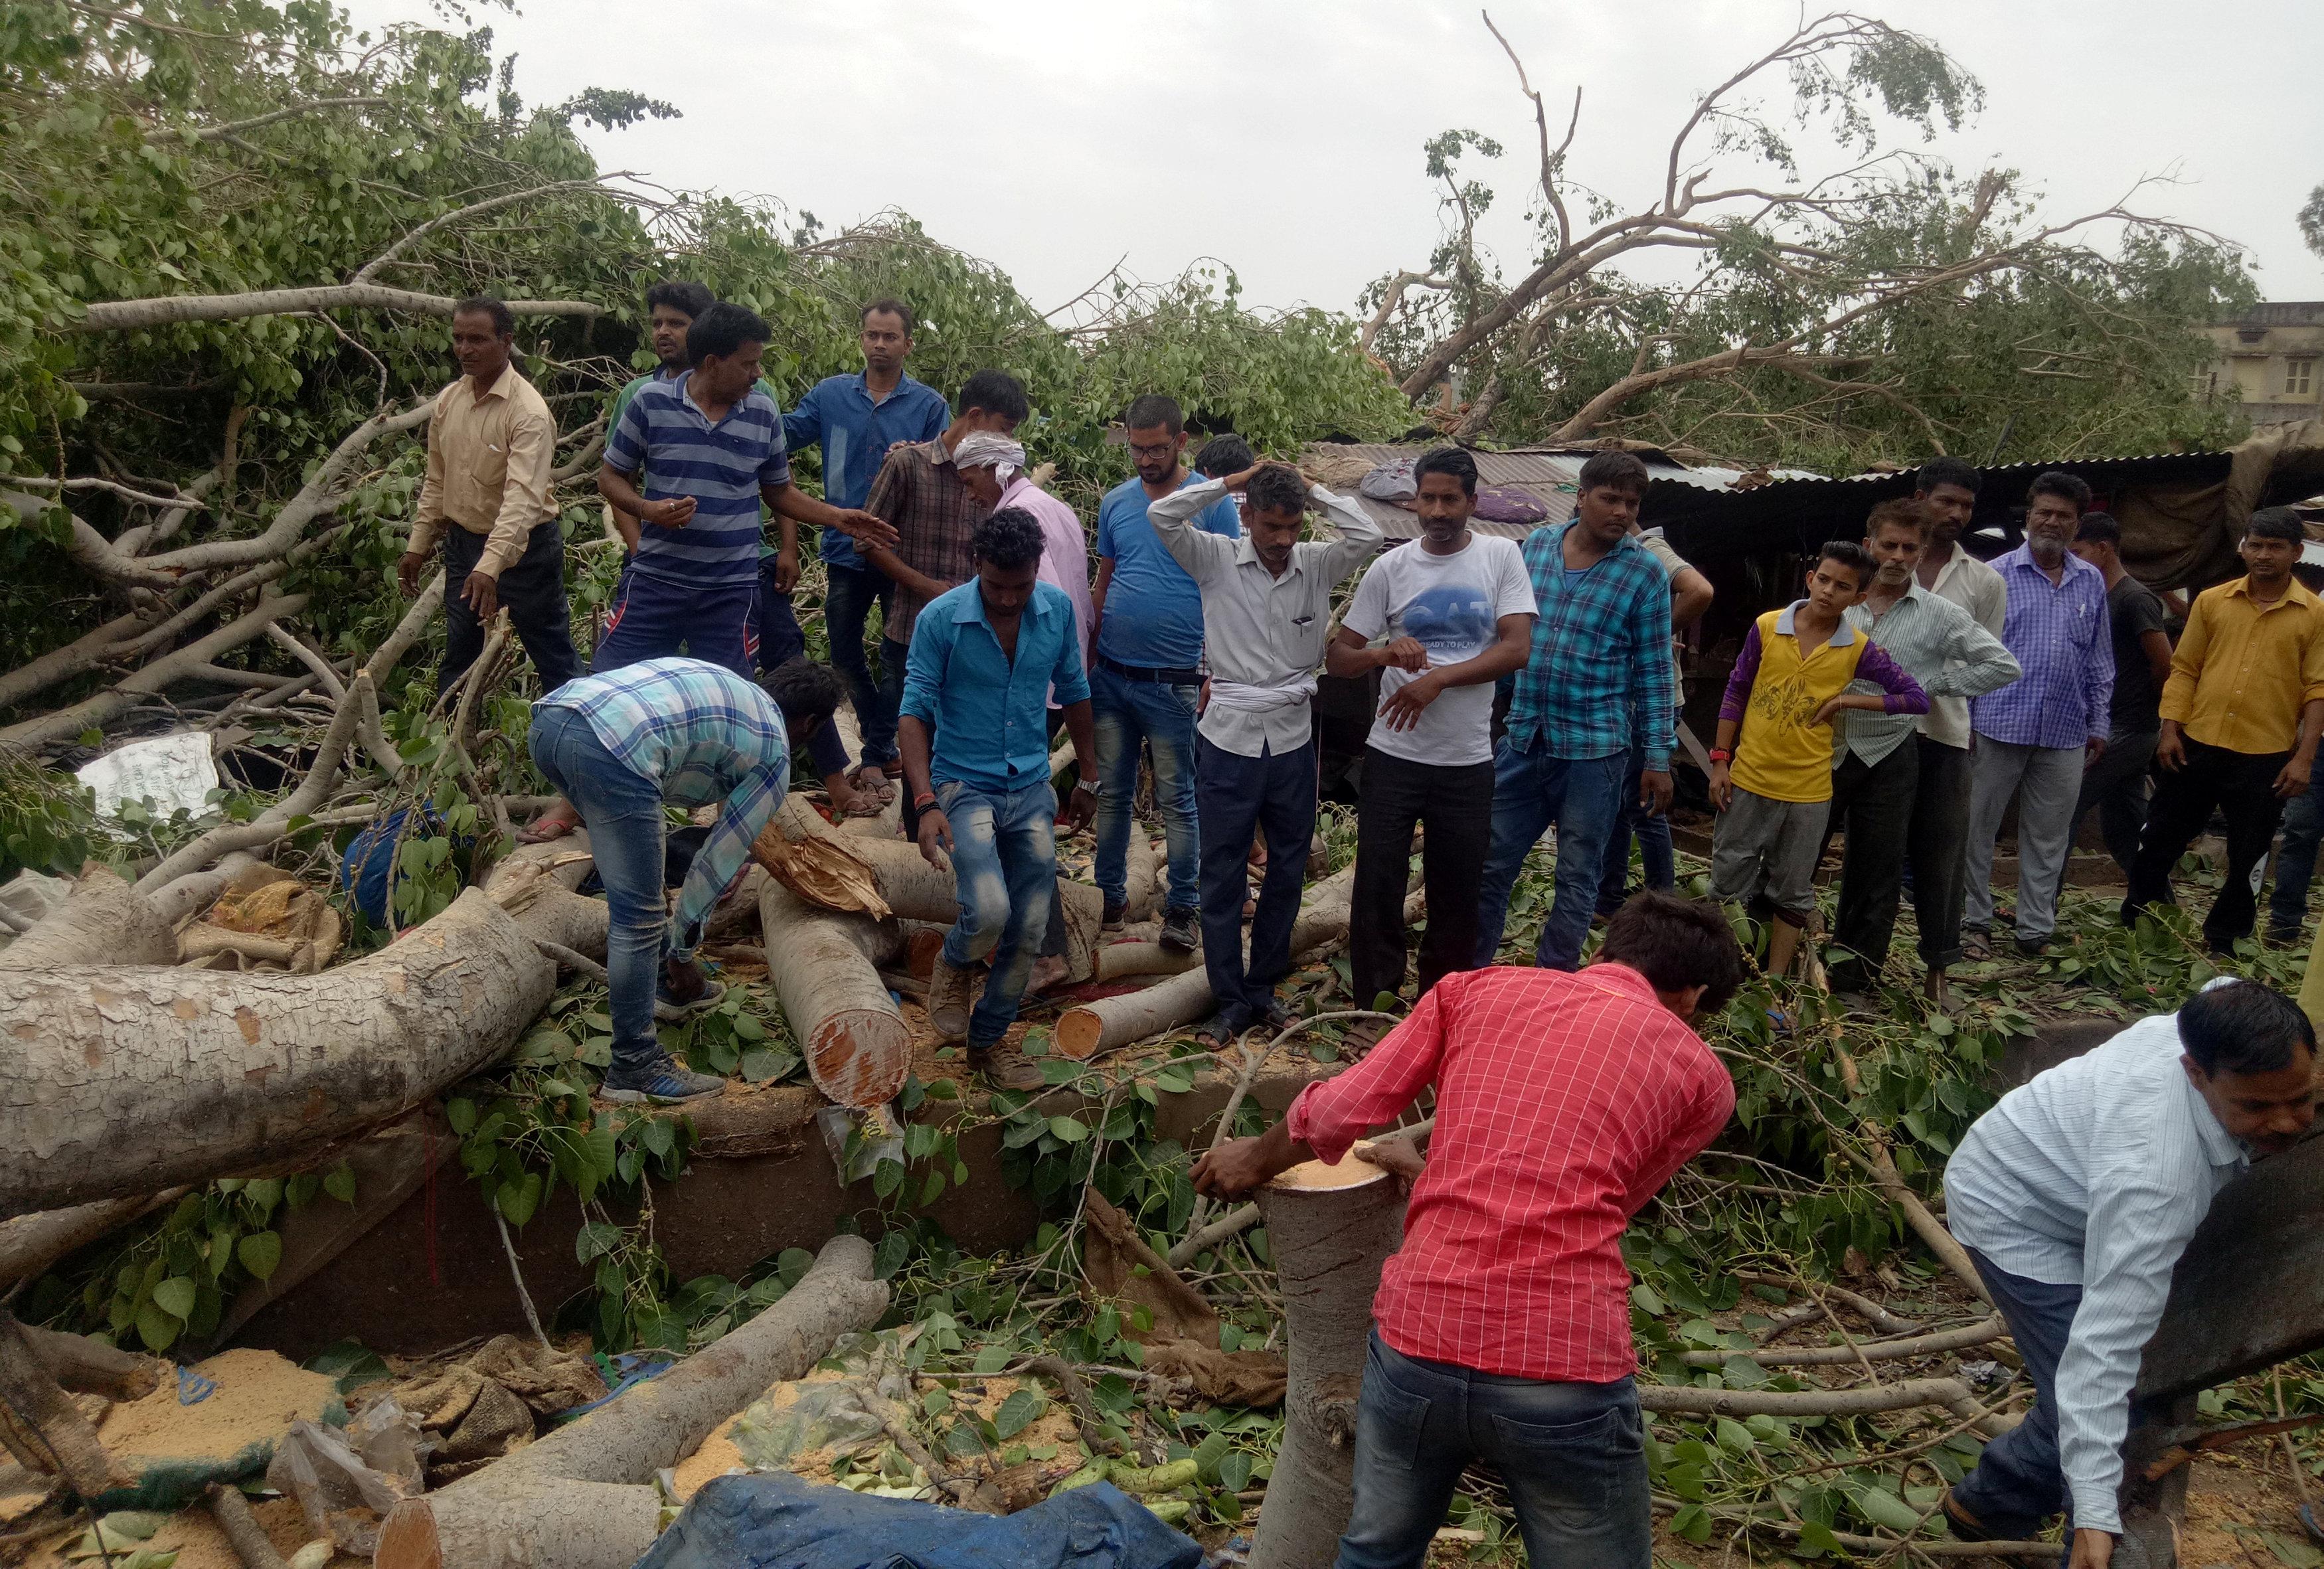 La gente intenta liberar un camino que quedó tapado por un árbol caído(Reuters)